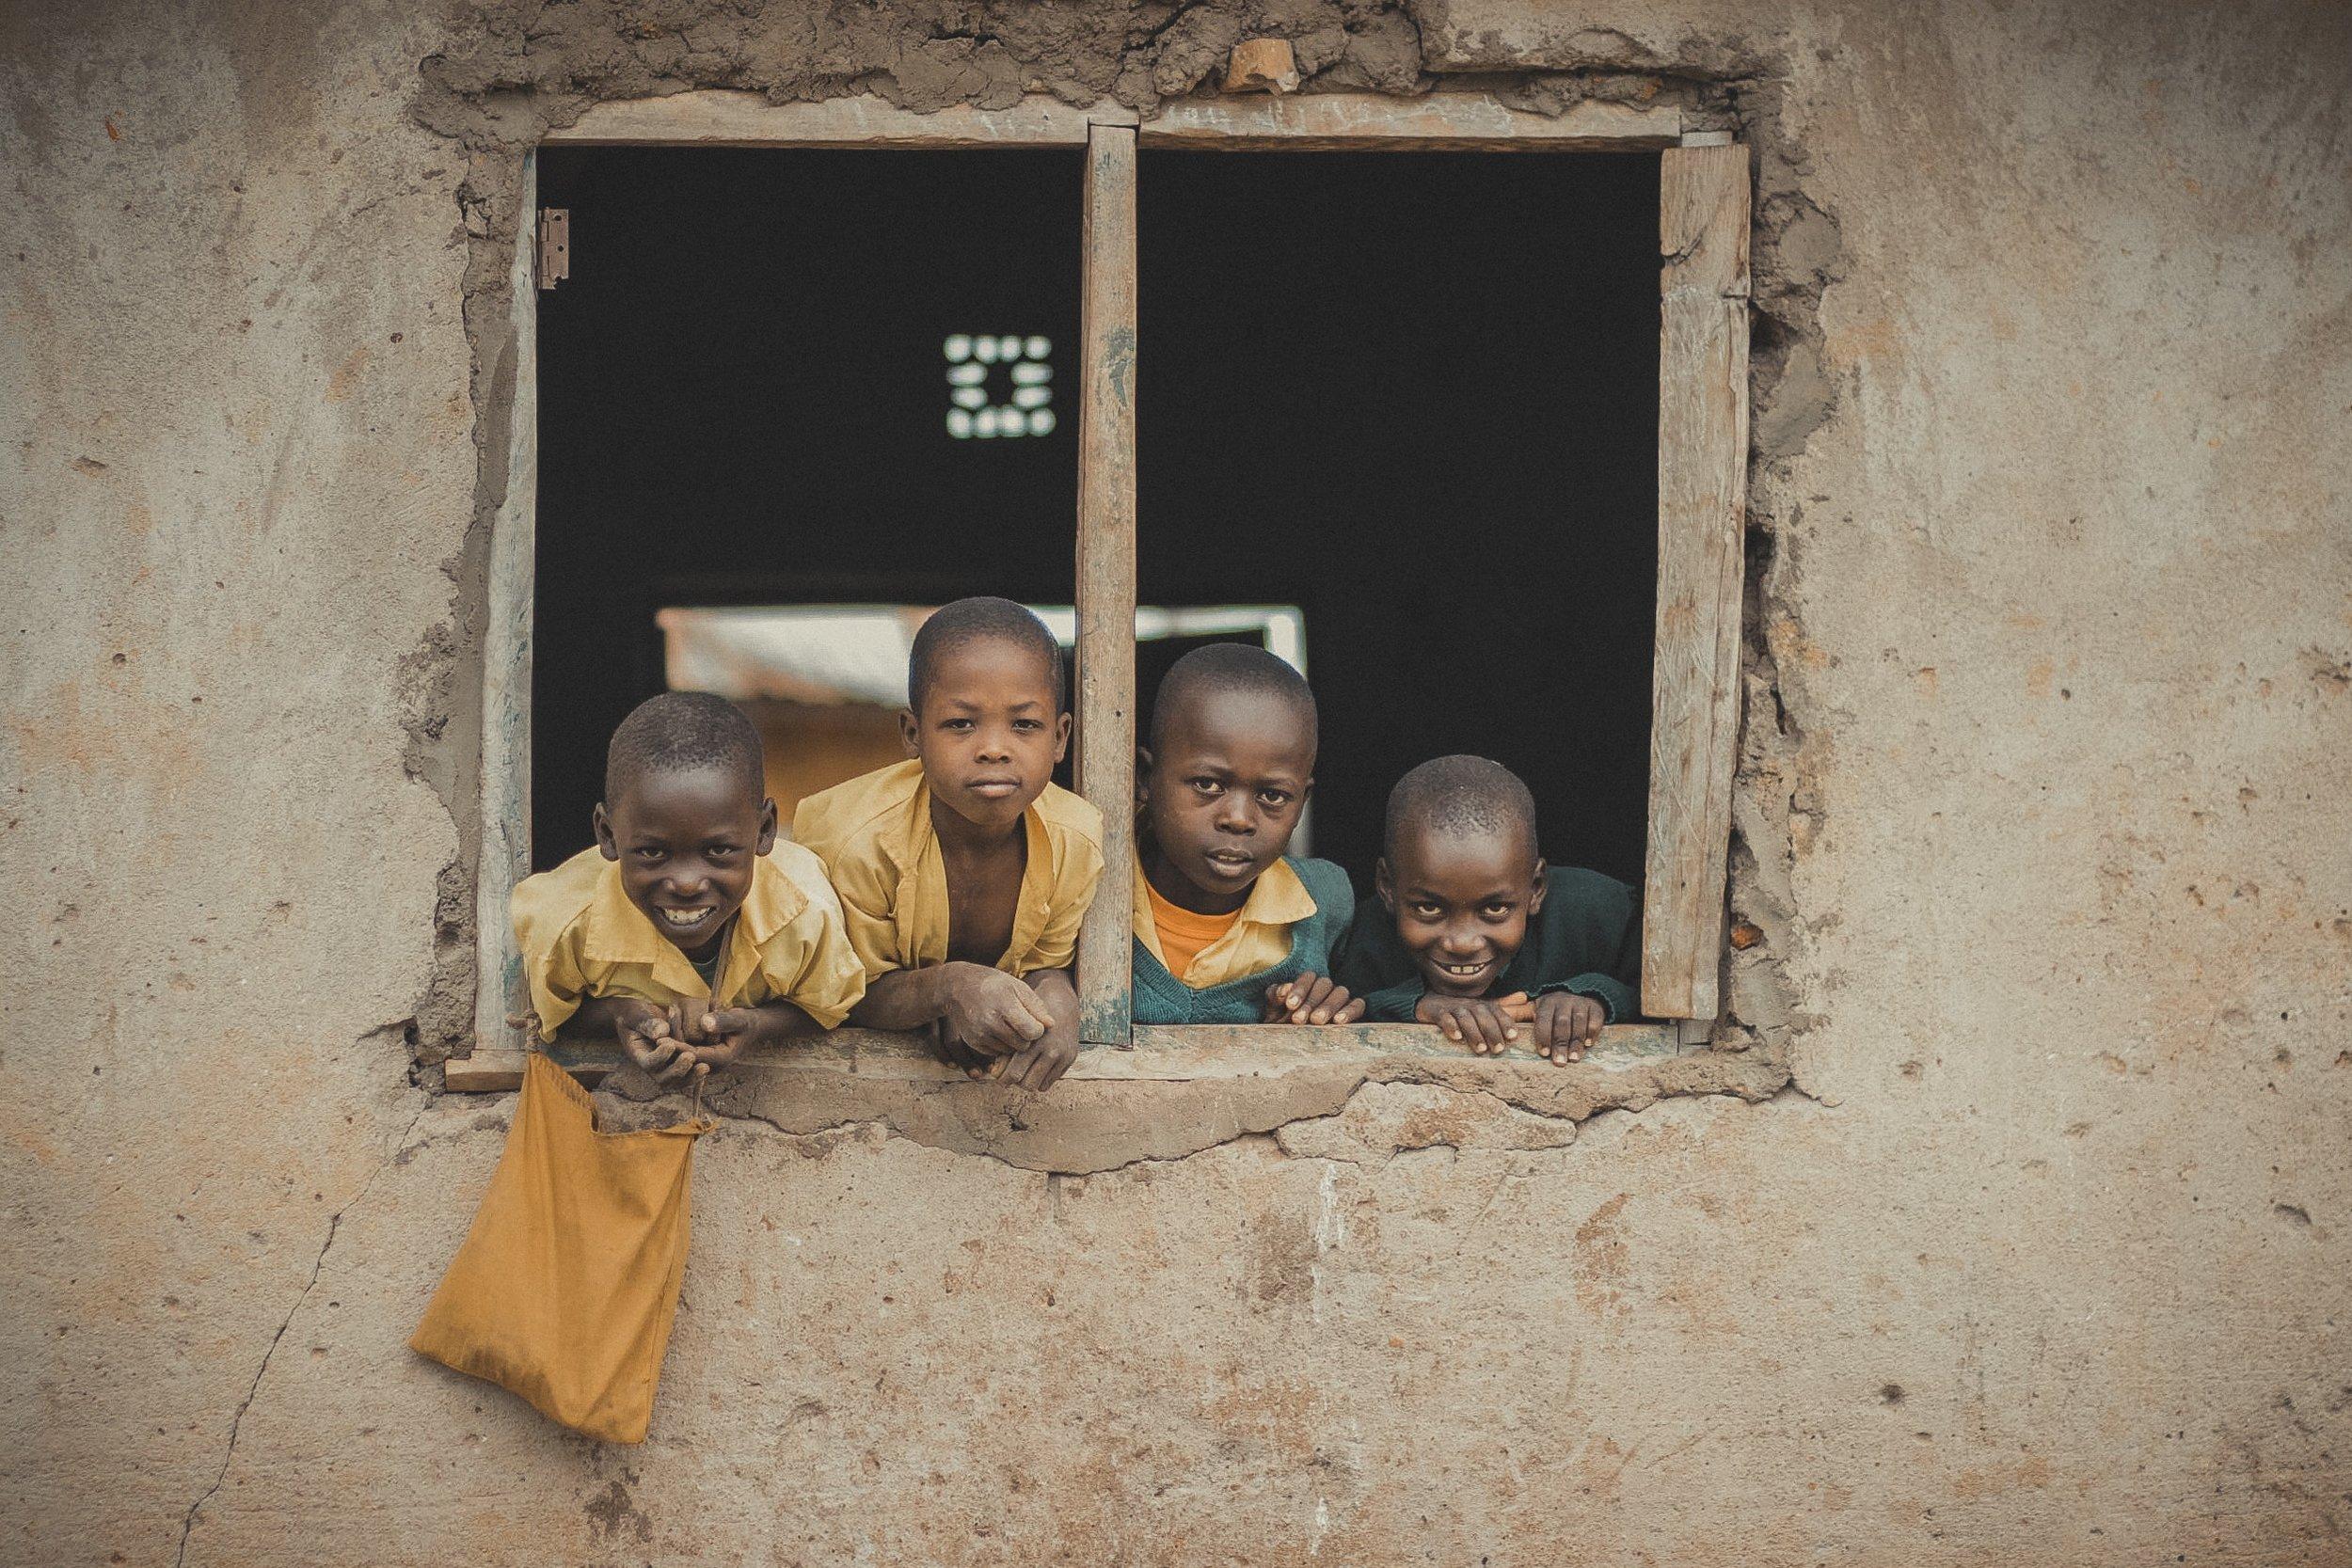 africa-boys-children-1686465.jpg